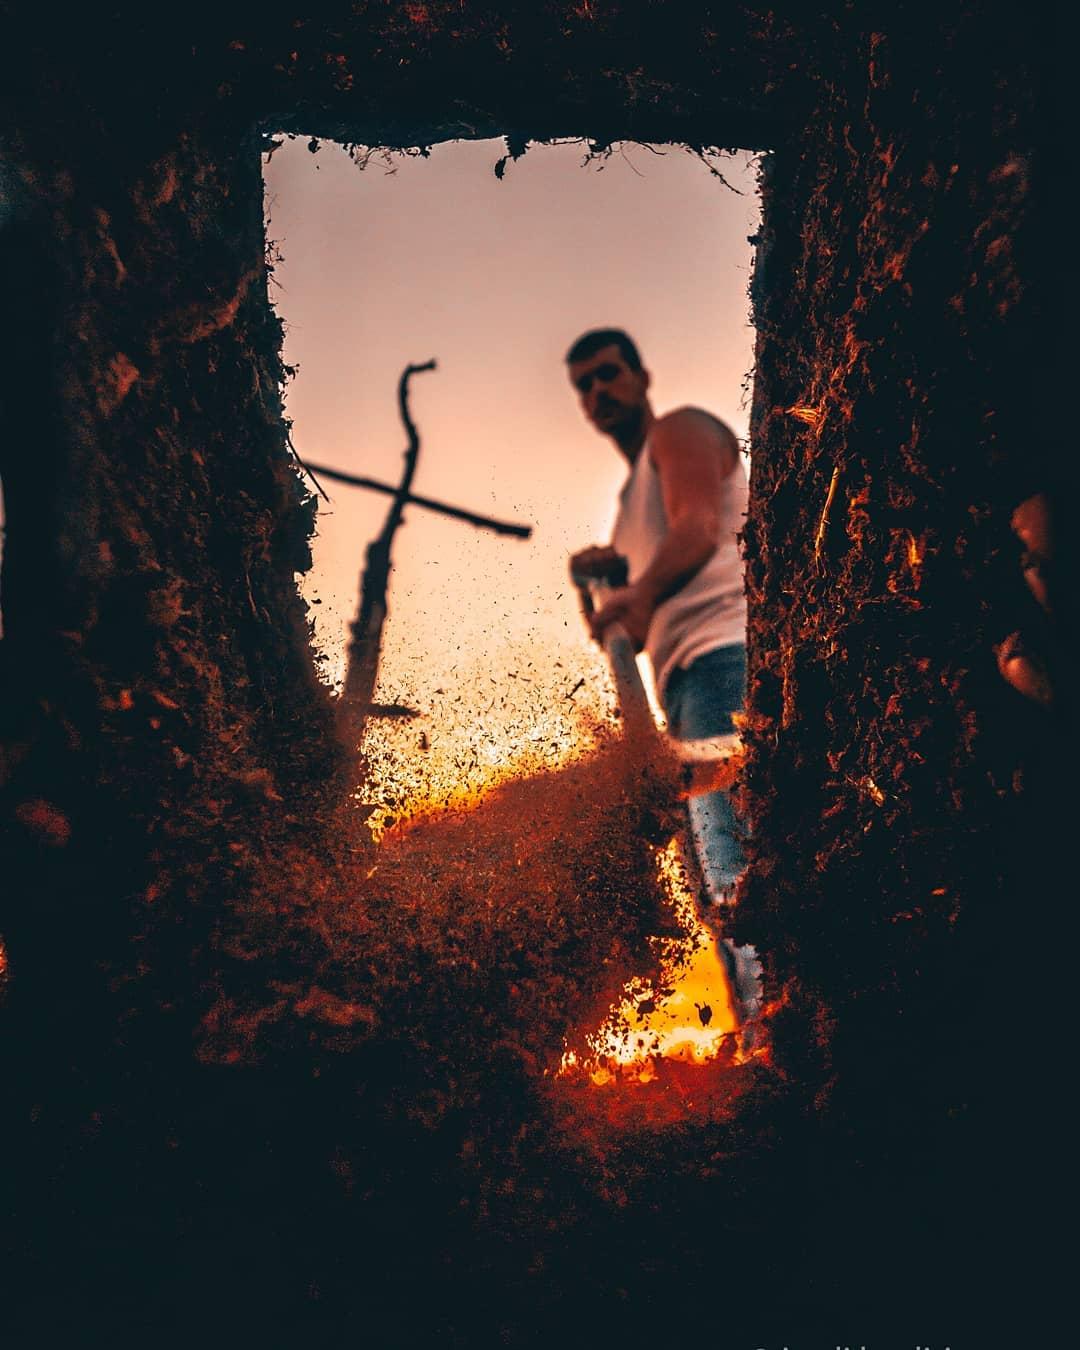 1564738400 1b24b575508af14c13aa89ca16784873 - Испанский фотограф показывает, что за его креативными работами стоит вовсе не фотошоп, а смекалочка